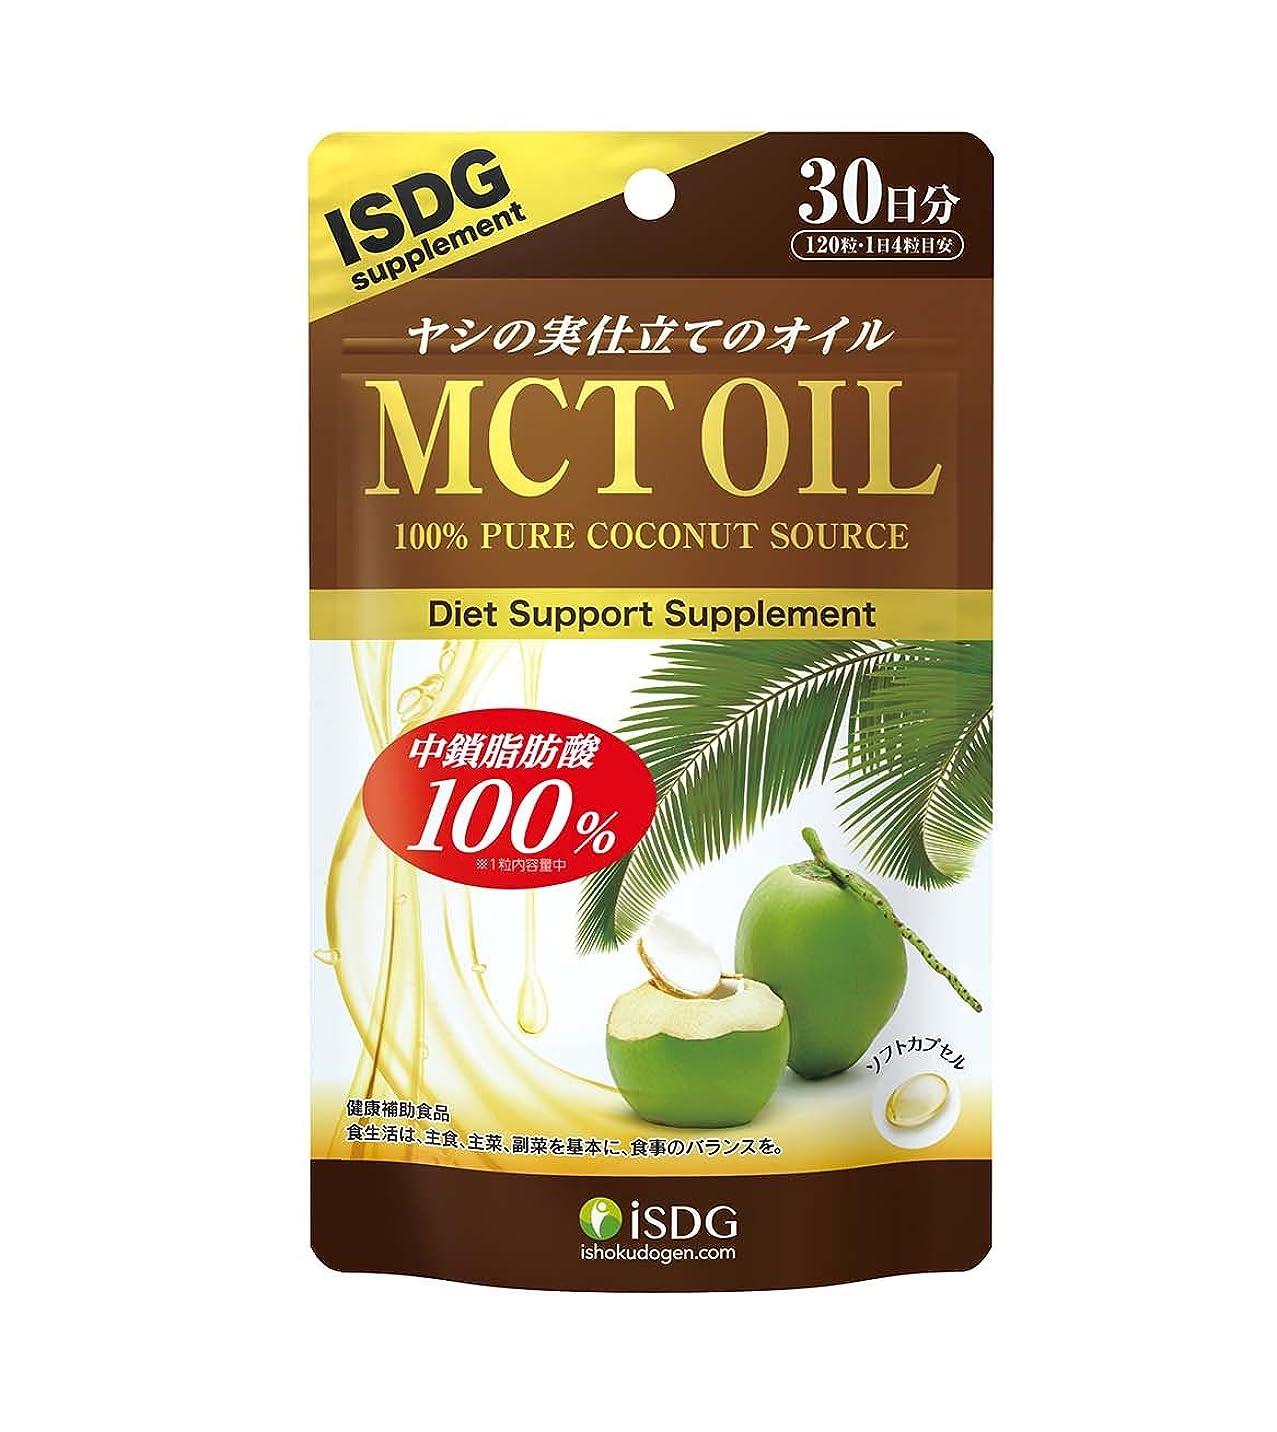 急流素晴らしい良い多くのずらすISDG MCTオイル粒 120粒/1日4粒目安 ヤシの実仕立てのオイル